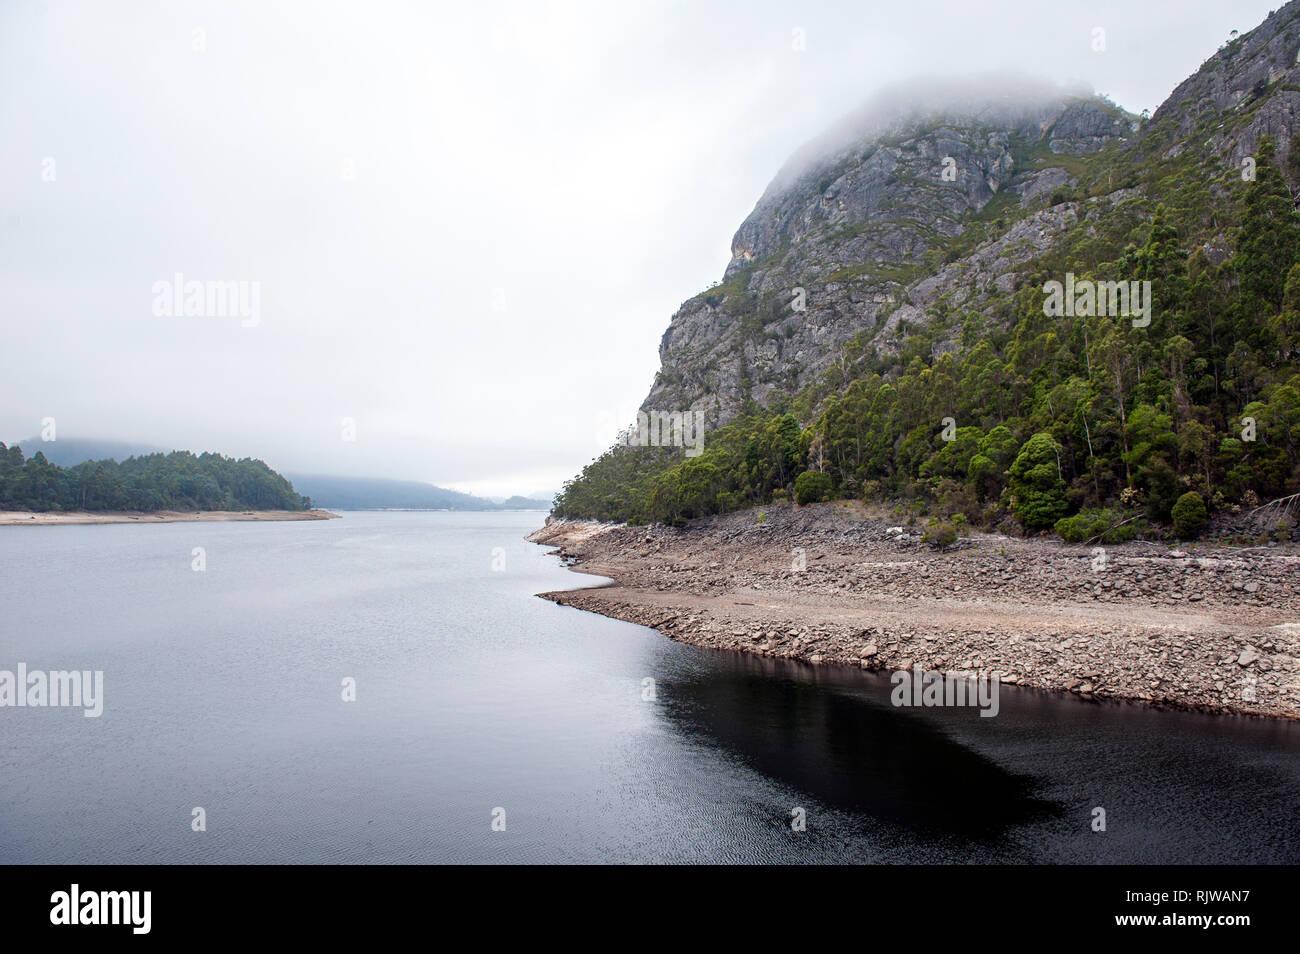 El lago de Mackintosh, un depósito que forman parte del plan de Hydro Electric Pieman cerca Tullah en Tasmania. Foto de stock